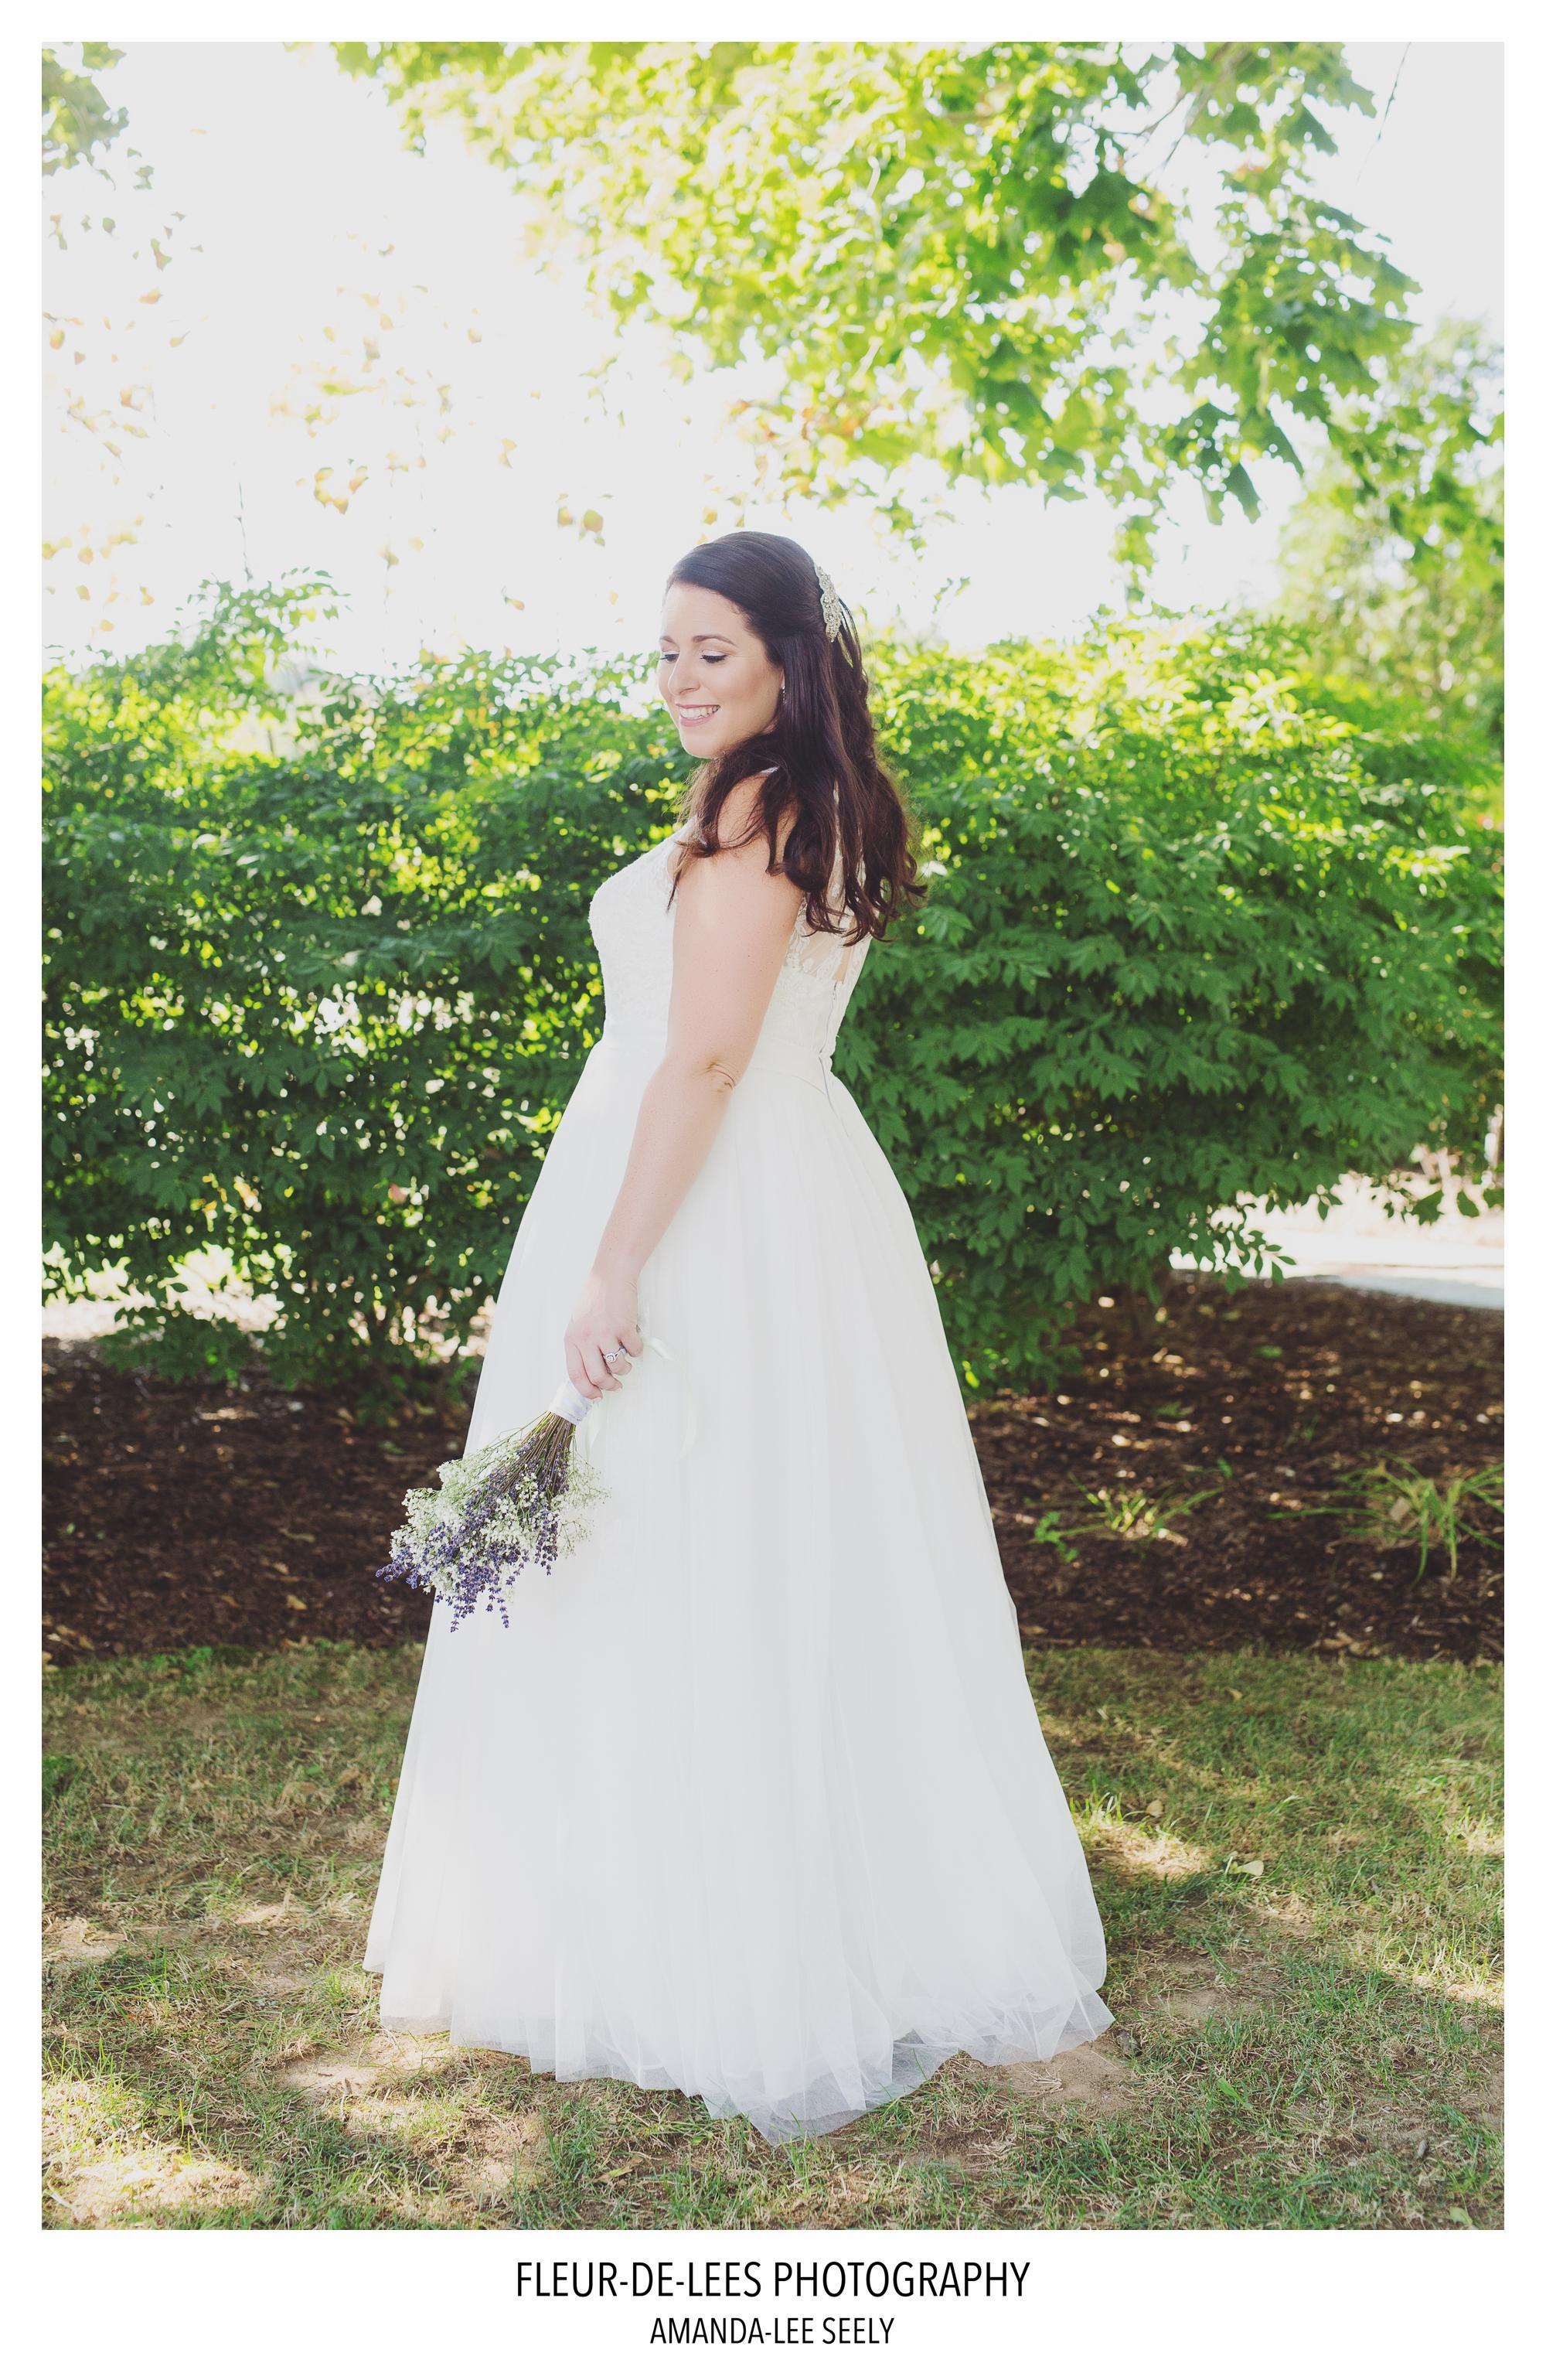 BLOG RACHEL AND AMANDA WEDDING 37